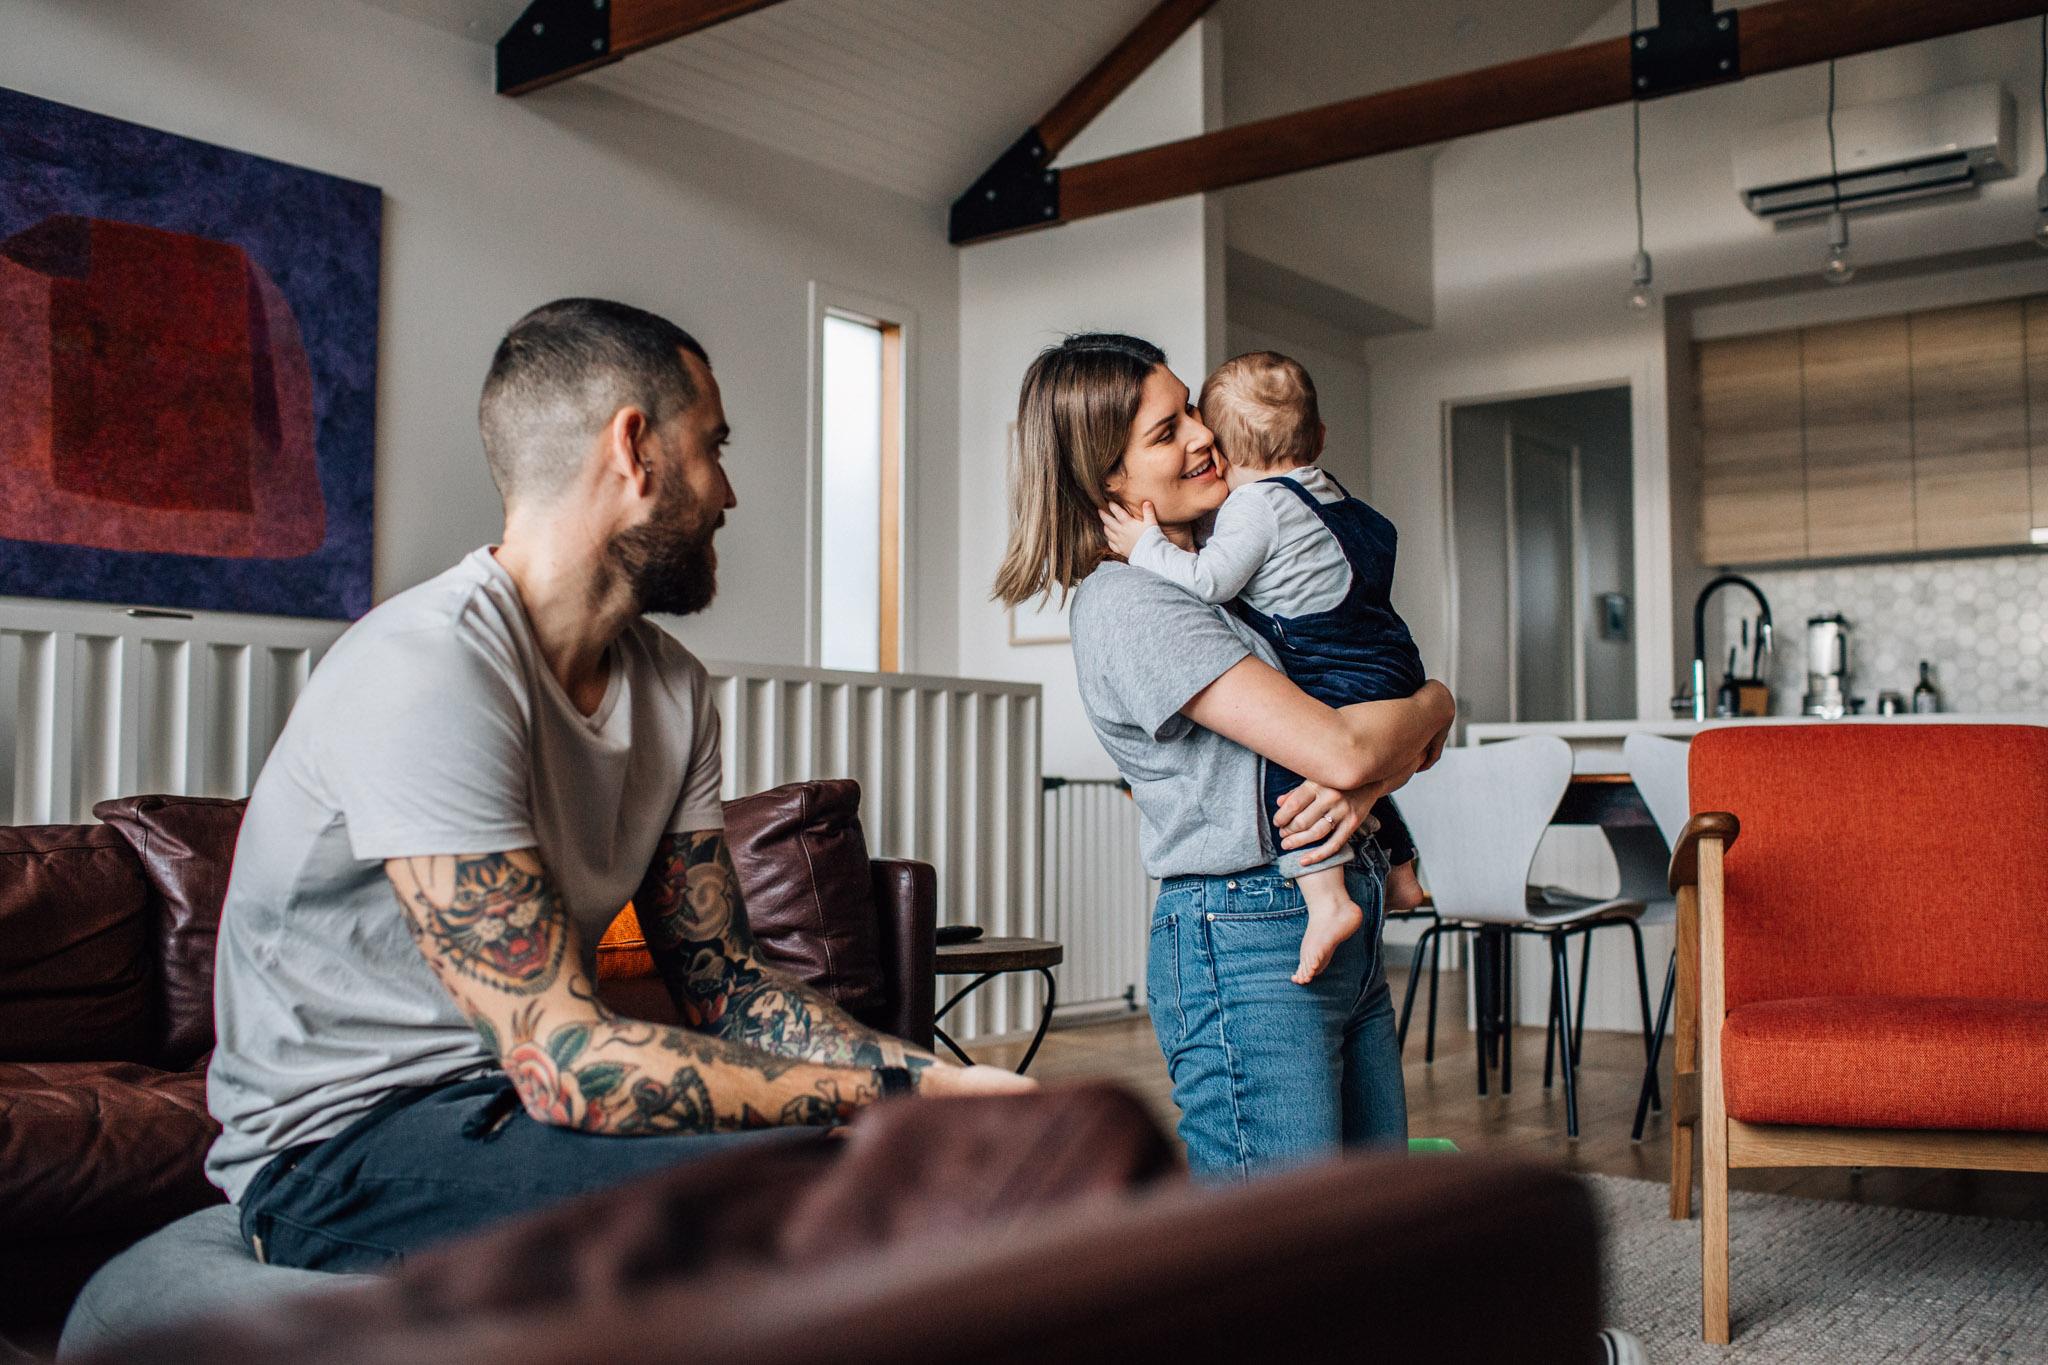 family-on-floor-II (1 of 1).jpg